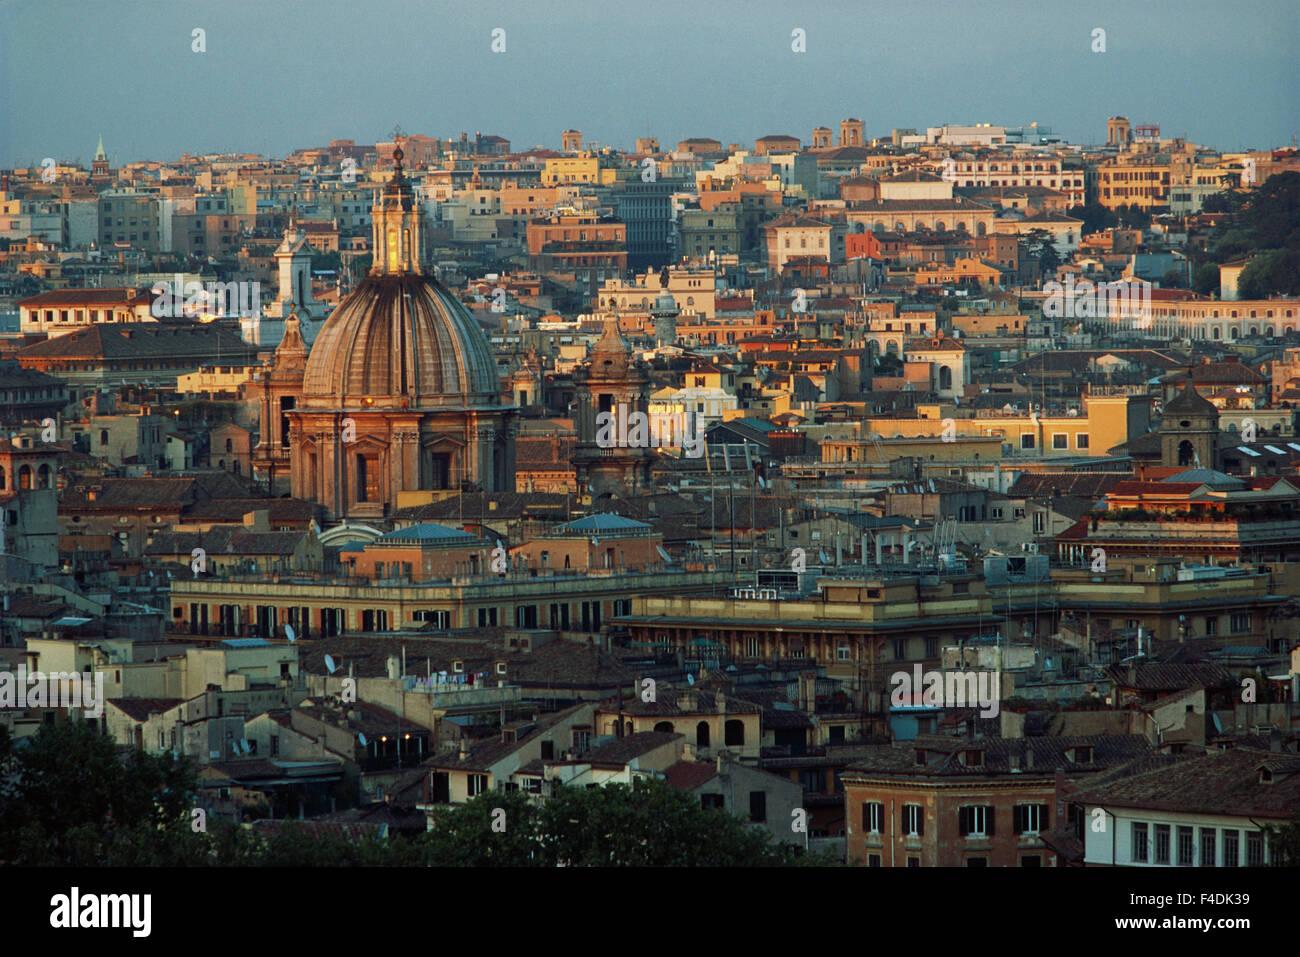 Italy Rome Piazza Garibaldi Janiculum City At Sunset